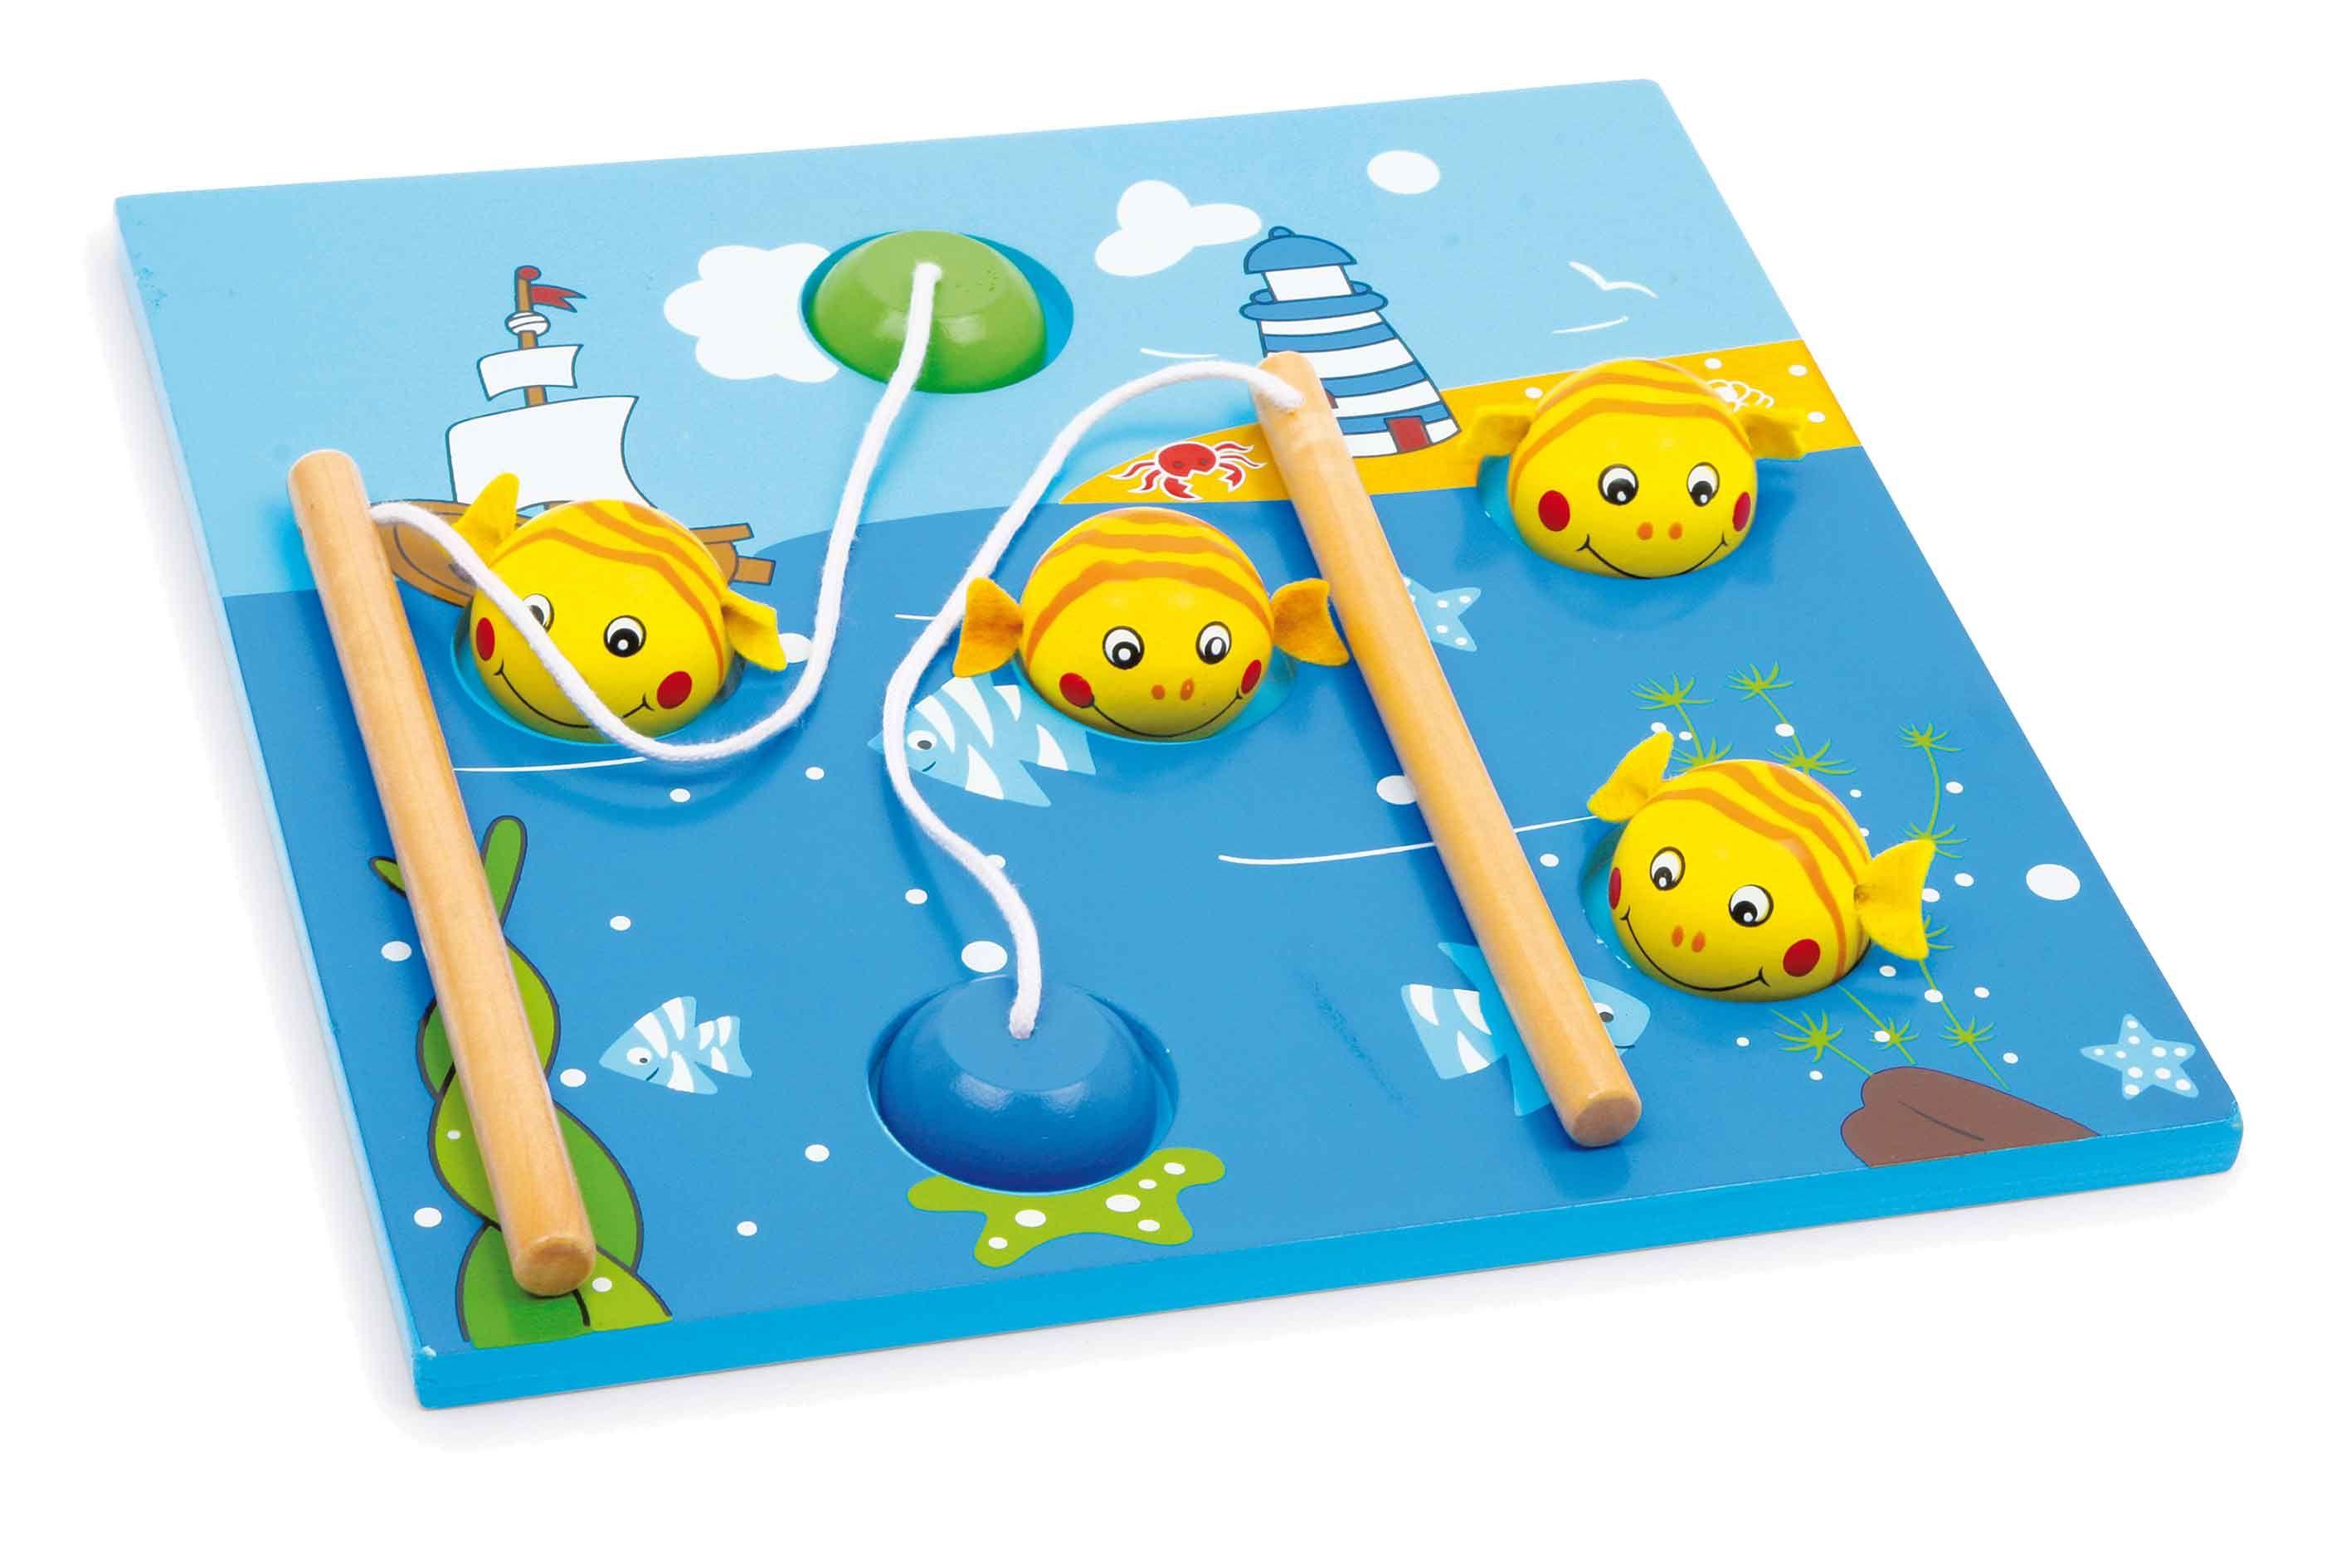 """Een eenvoudig klein visspel met fraaie vormgeving en grote """"bord-hengels"""" met magneten. Ook al geschikt voor de kleintjes die met de groten mee willen spelen!"""